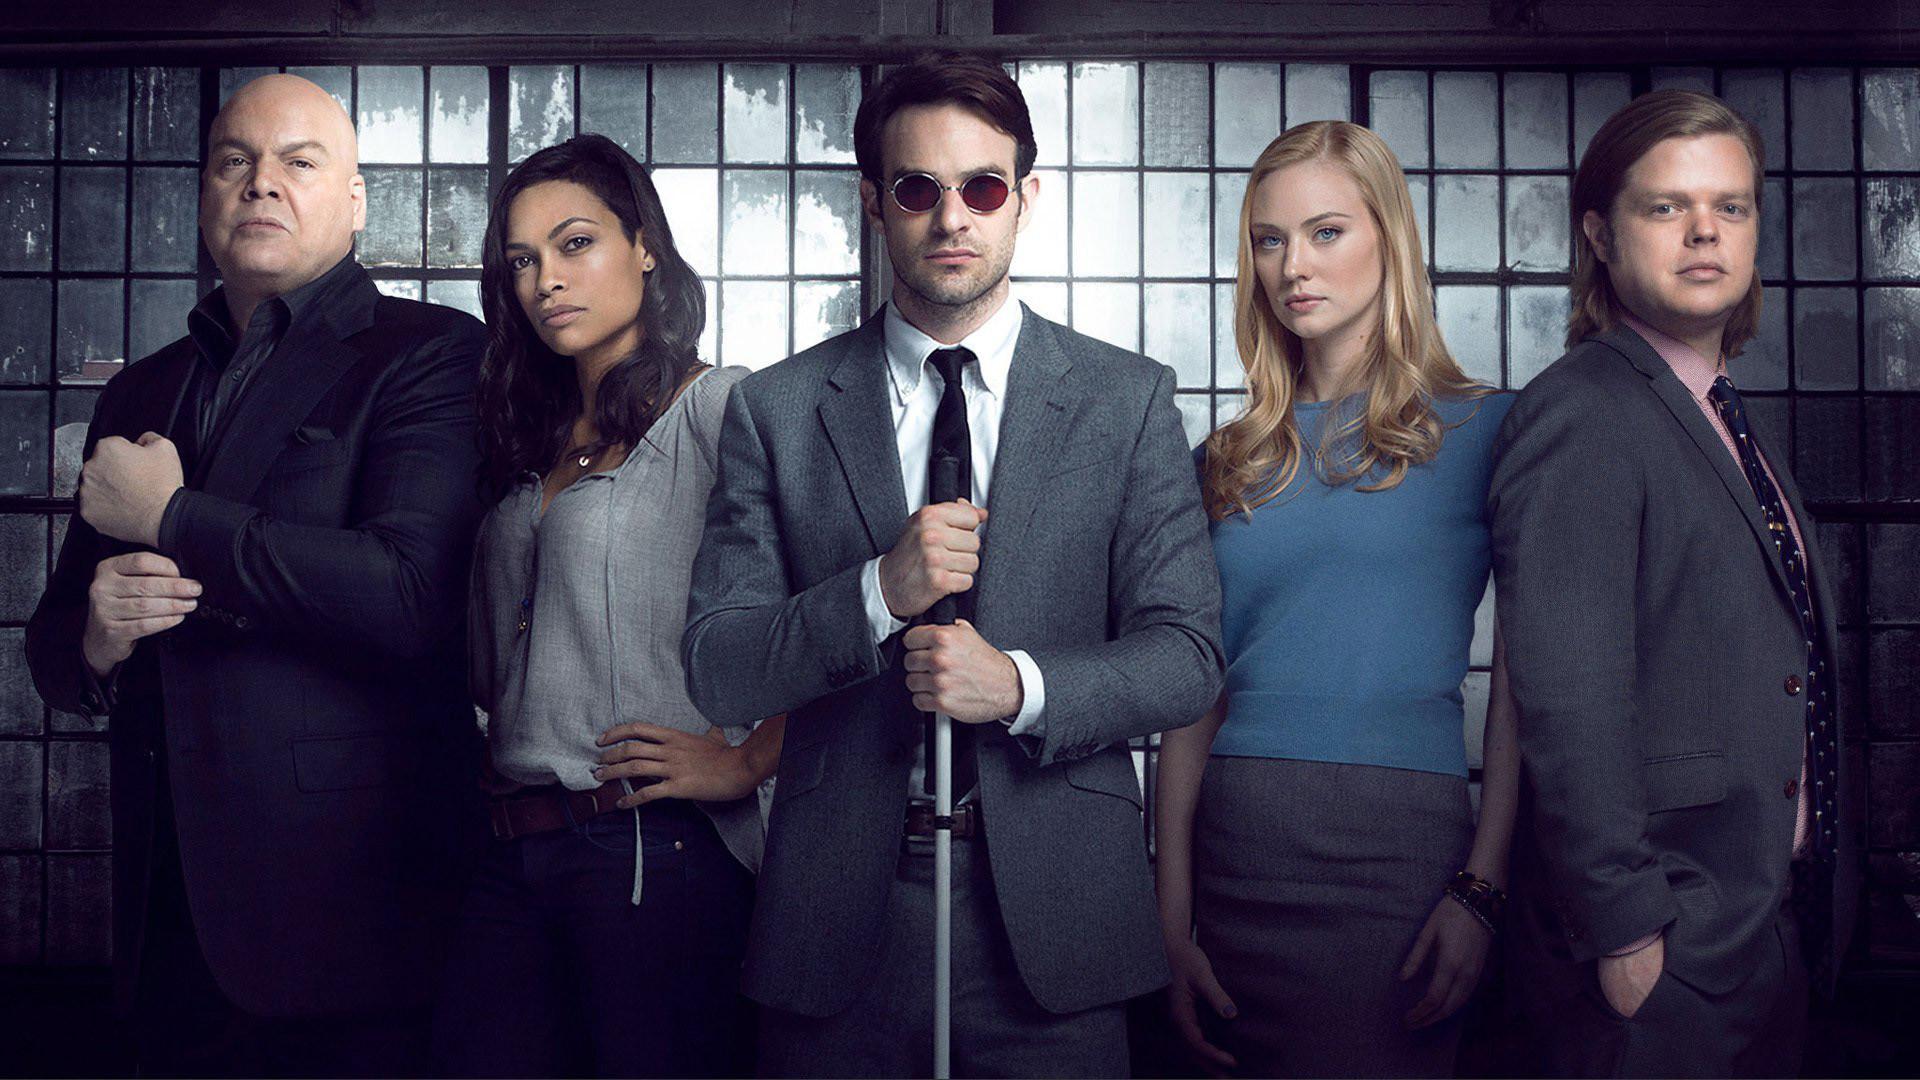 #Daredevil – Season 1 Cast Photo